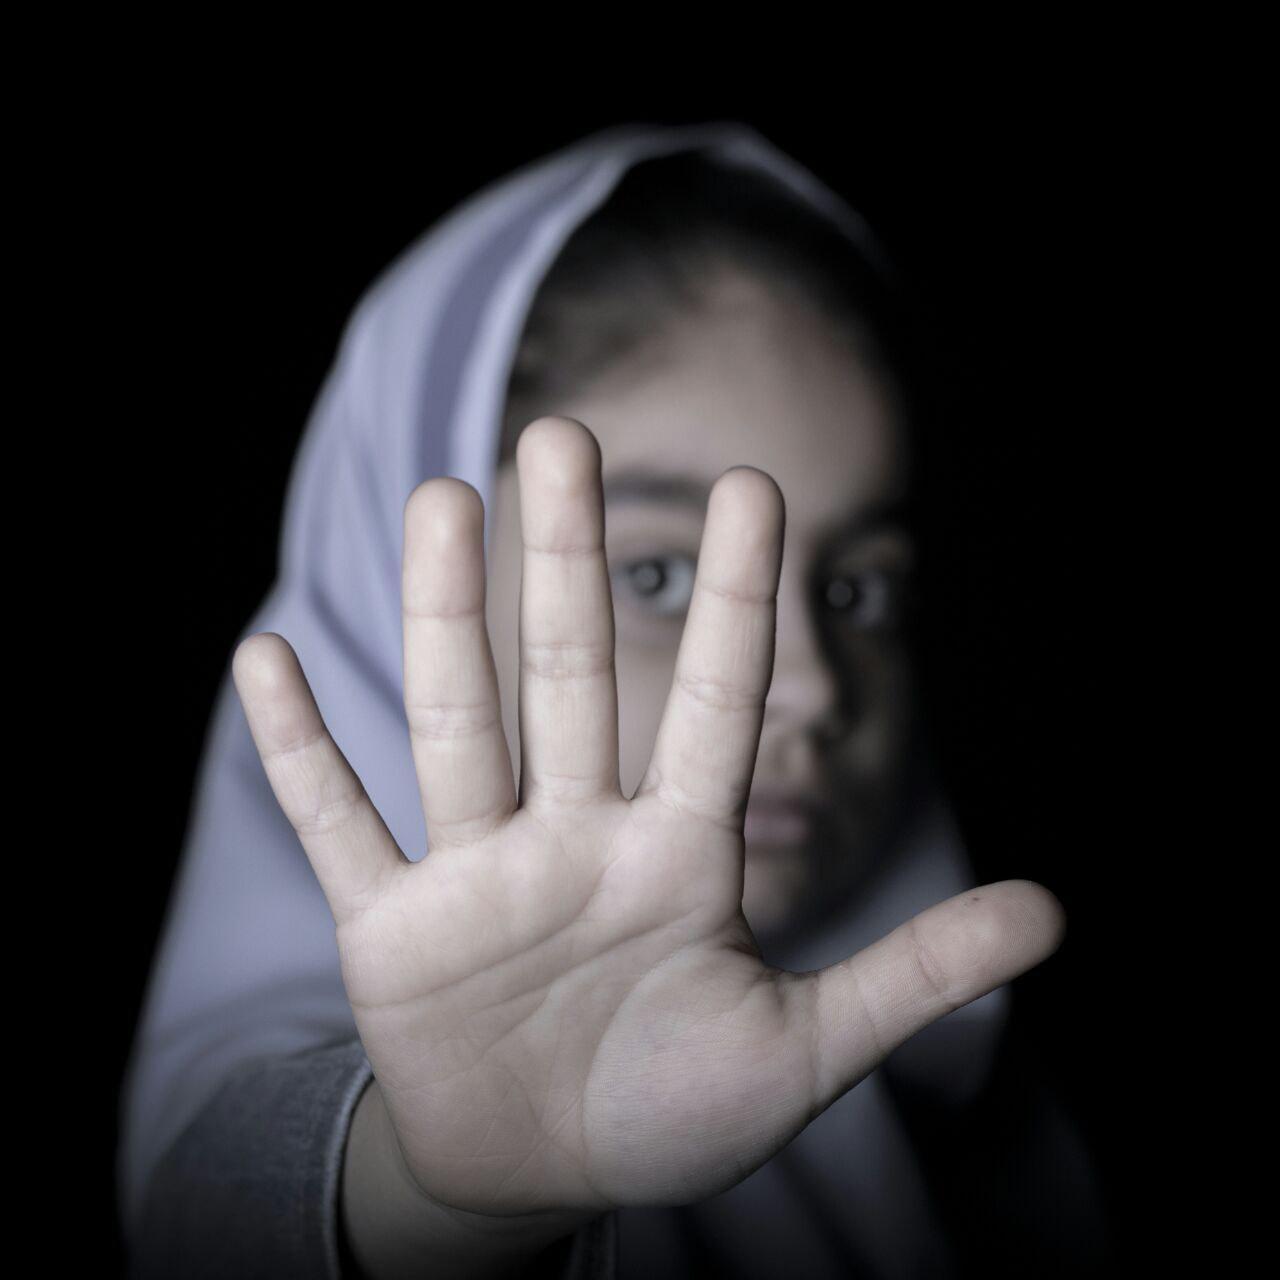 سکوت شکسته؛ پروژه عکاسی برای نمایش آسیبهای حوزه کودکان